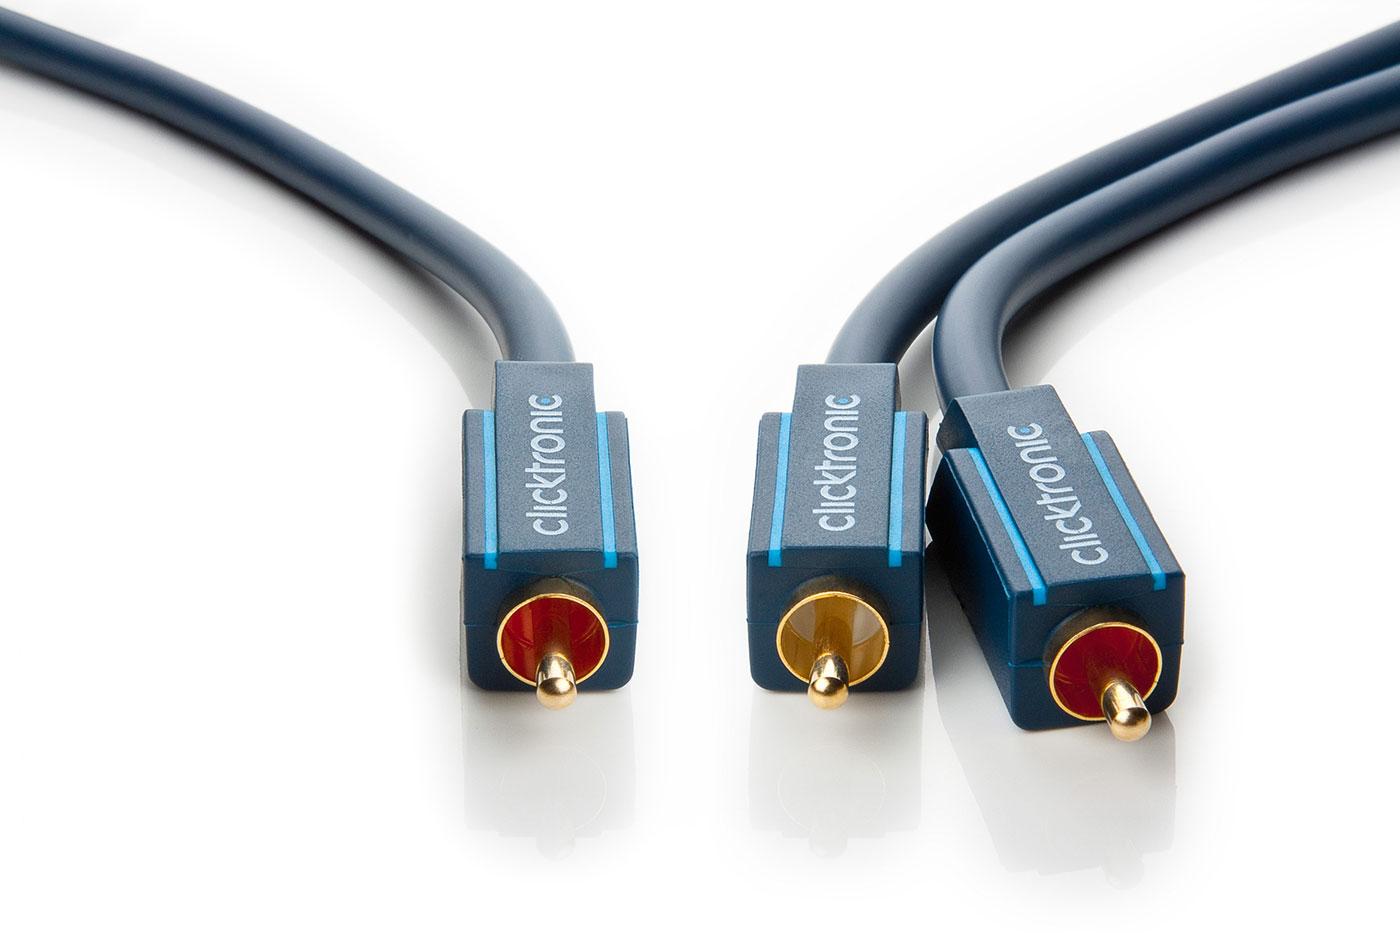 hq ofc kabel cinch m 2x cinch m audio 2m secomp pc plus cz a s. Black Bedroom Furniture Sets. Home Design Ideas